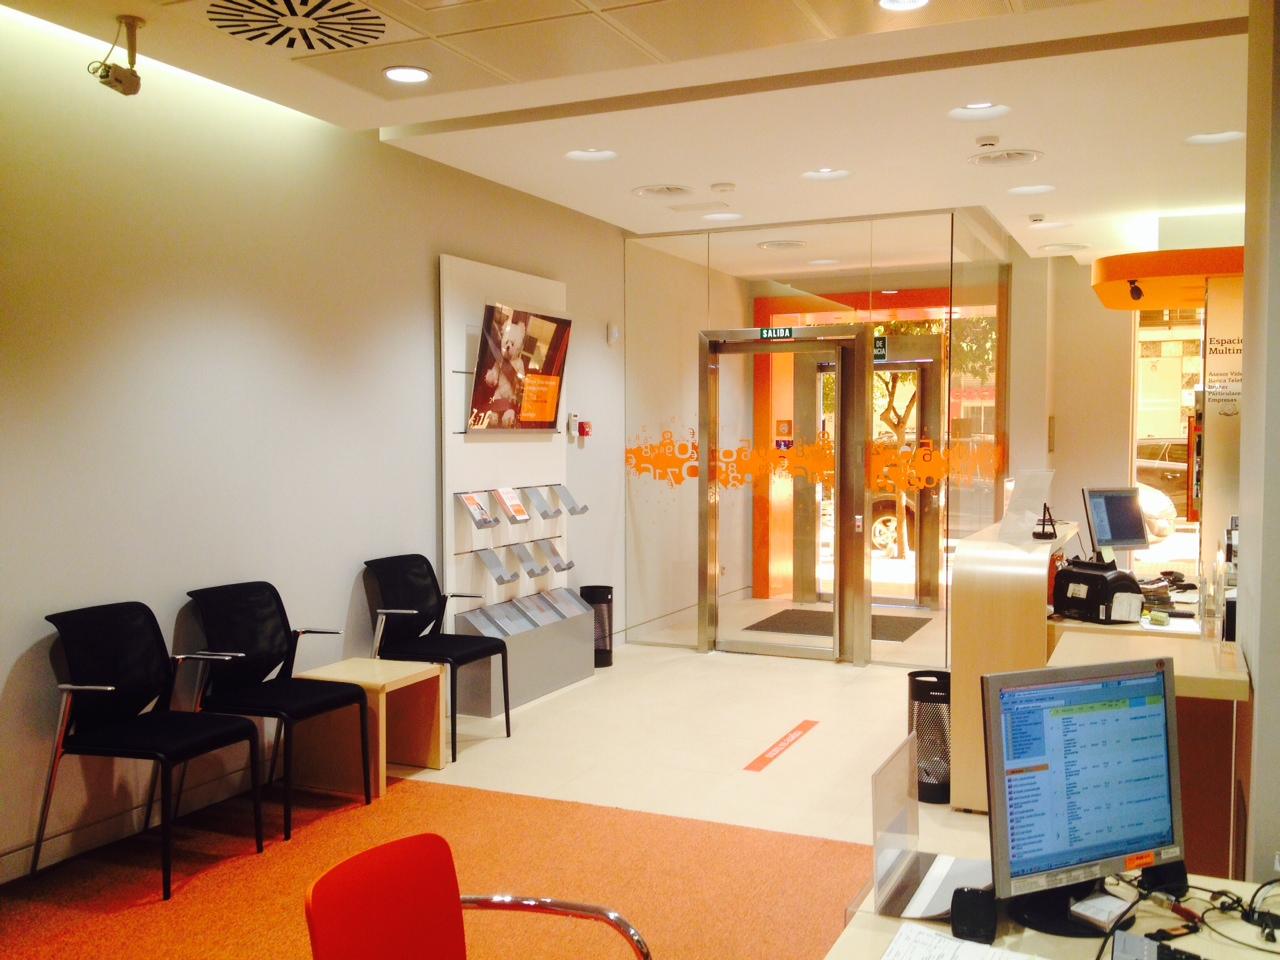 Entrega oficina bankinter en alzira bojuna for Oficina virtual bankinter